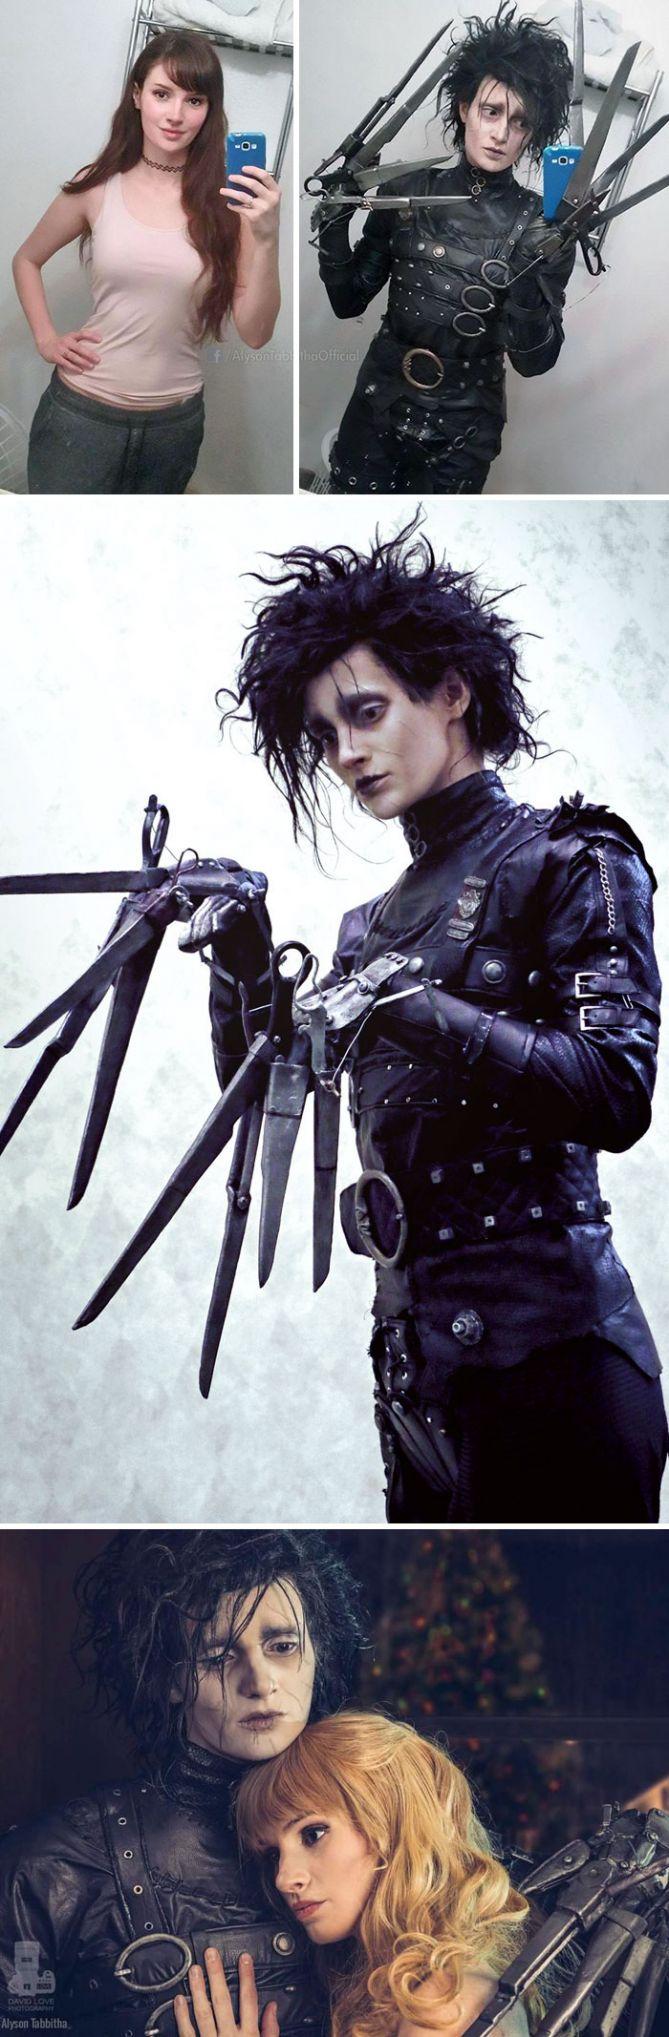 Edward Scissorhands Nggak cuma wajah, tapi senjatanya juga bisa ia tirukan. Niat banget kan?